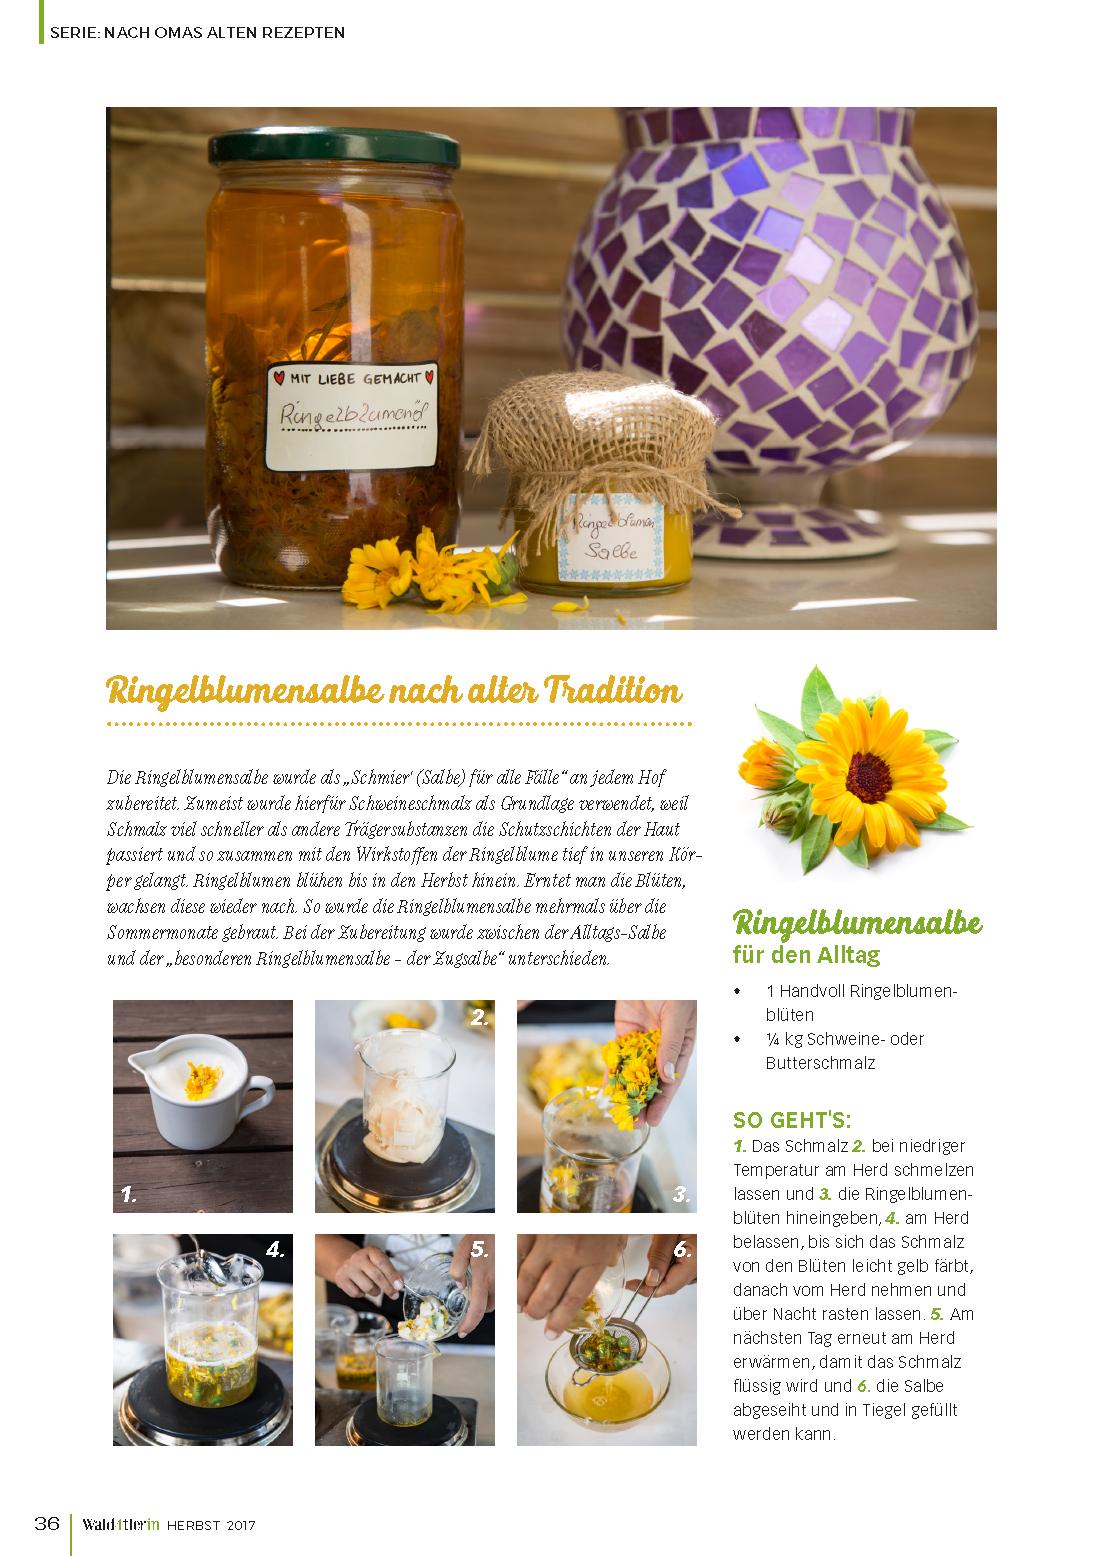 Schritt für Schritt Beschreibung Herstellung Ringelblumensalbe